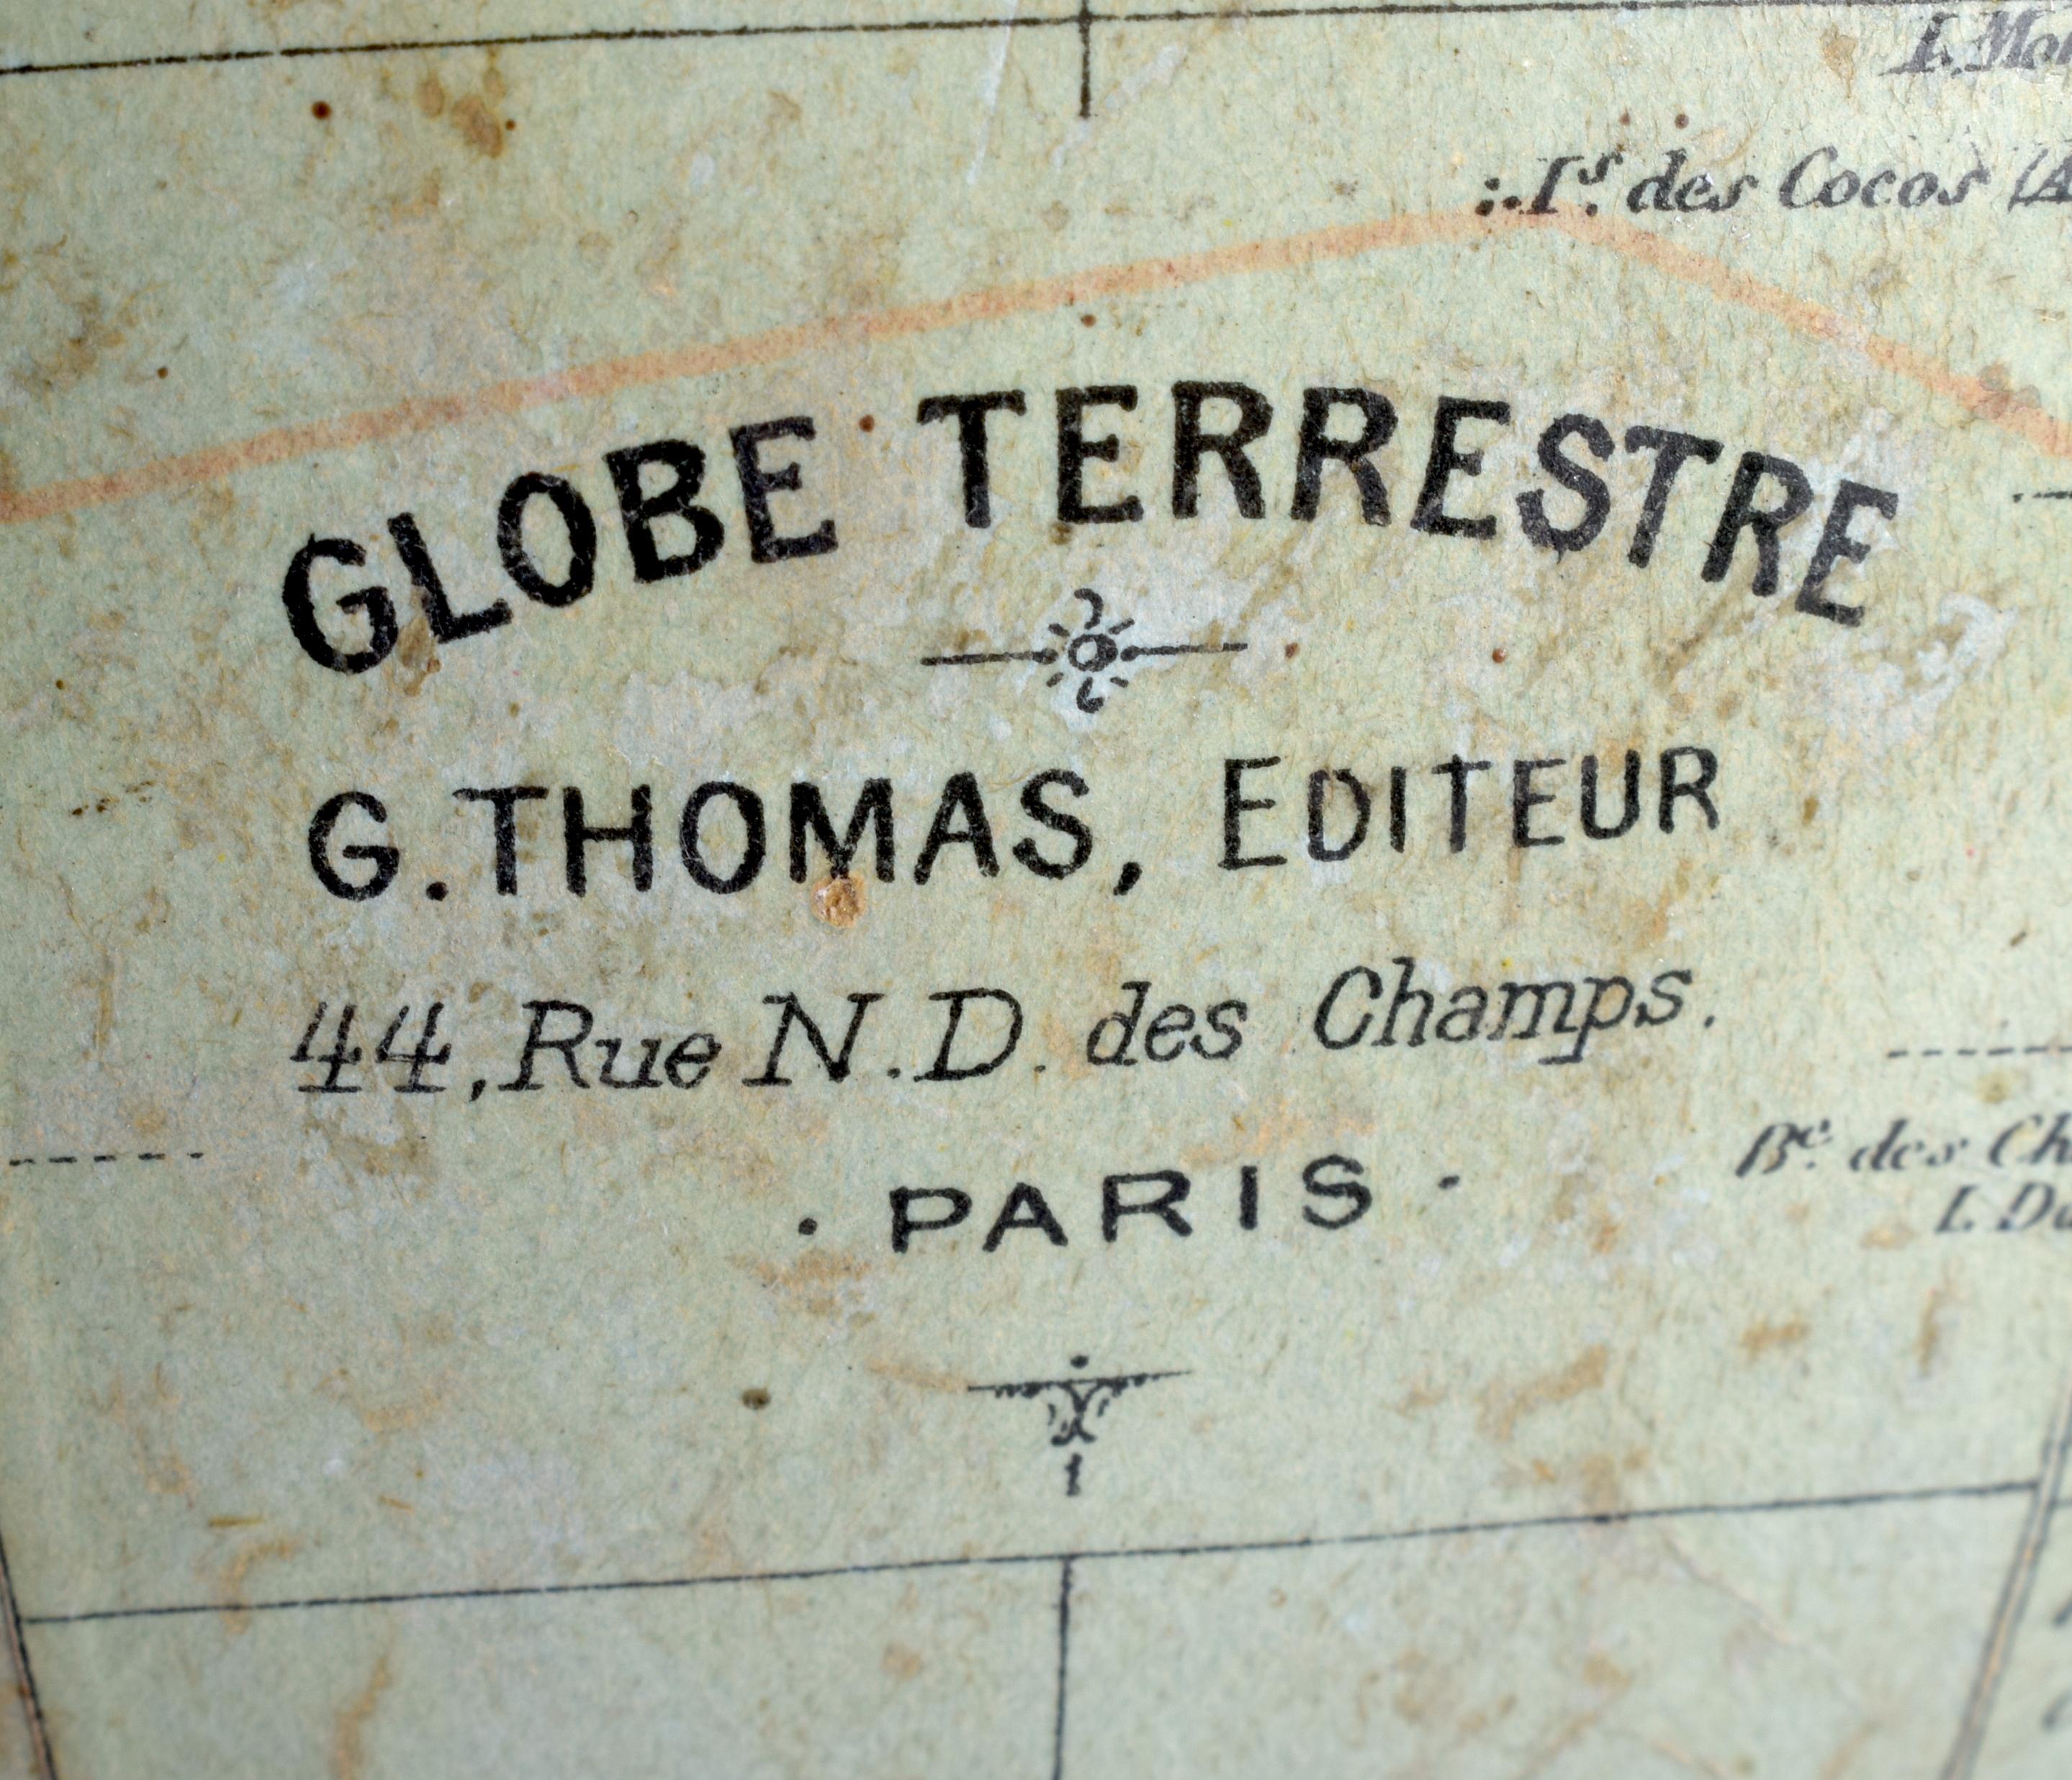 A VINTAGE GLOBE TERRESTRE G THOMAS 44 RUE DES CHAMPS OF PARIS. 38 cm x 16 cm. - Image 3 of 3